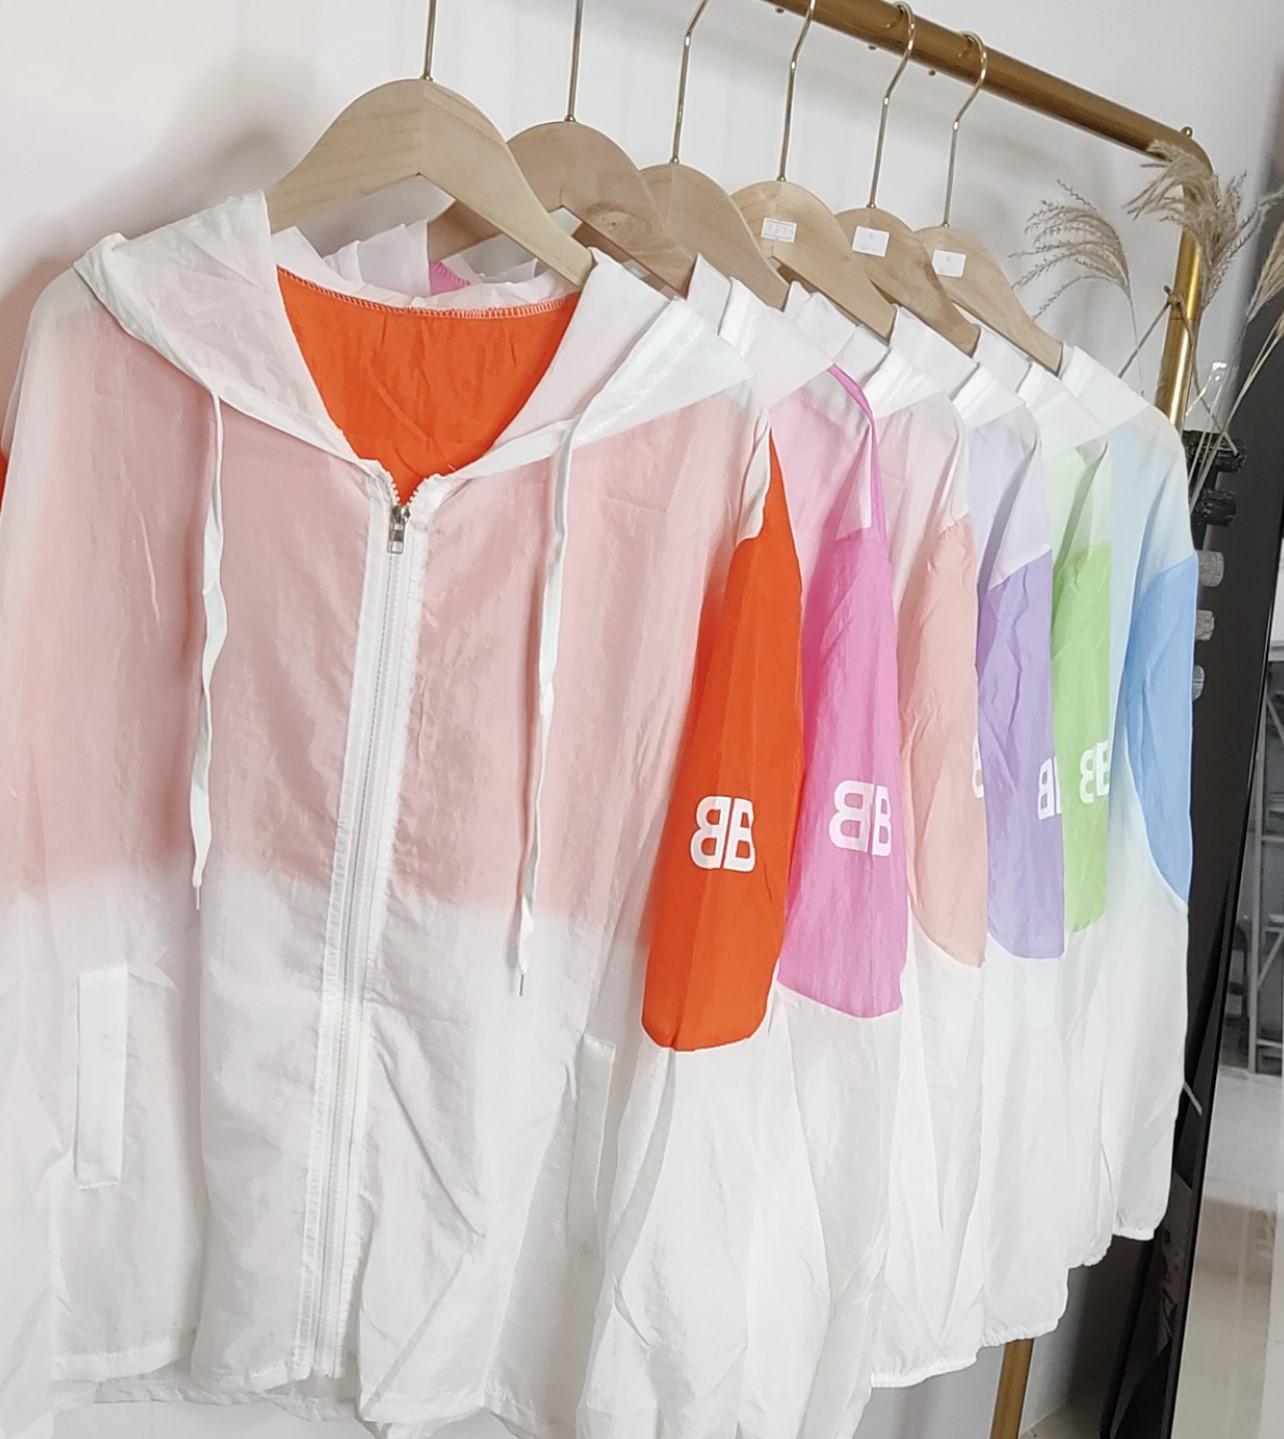 防晒衣女2020夏季新款速干风衣网红超薄短款学生防紫外线衣服潮流-纯享空间-